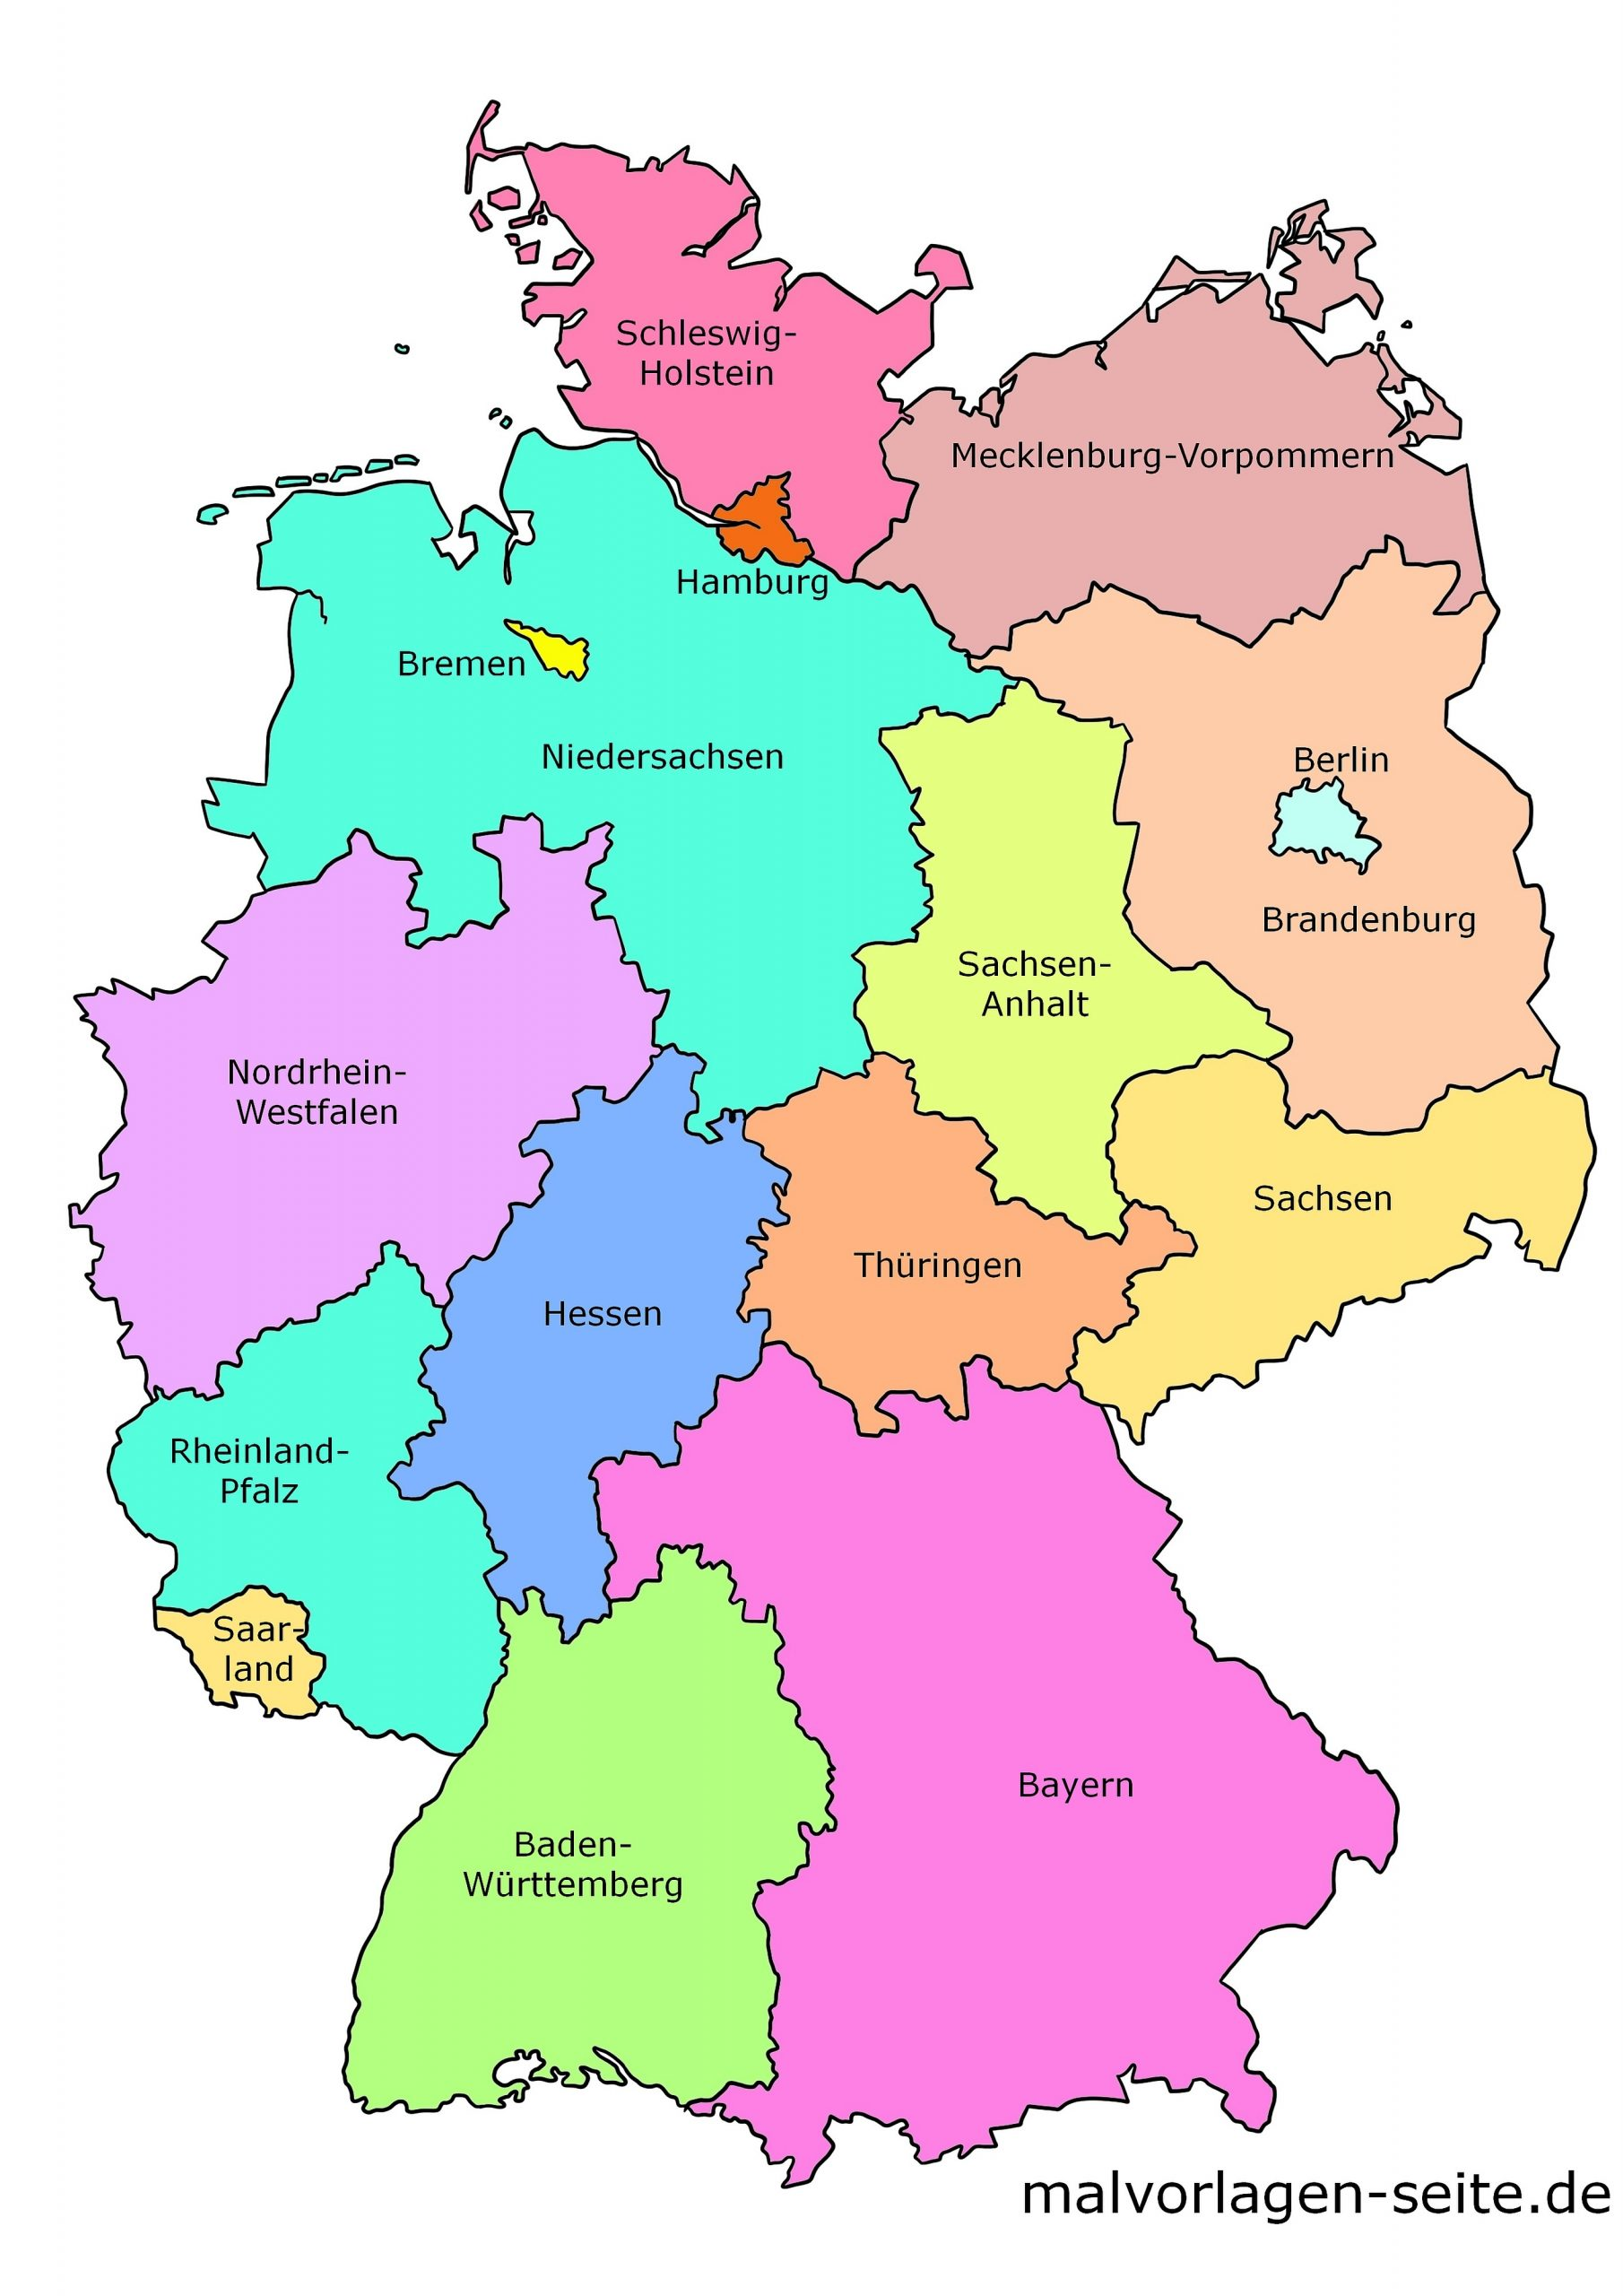 Deutschland Landkarte Der Bundesländer - Politsche Karte ganzes Deutschland Karte Bundesländer Und Hauptstädte